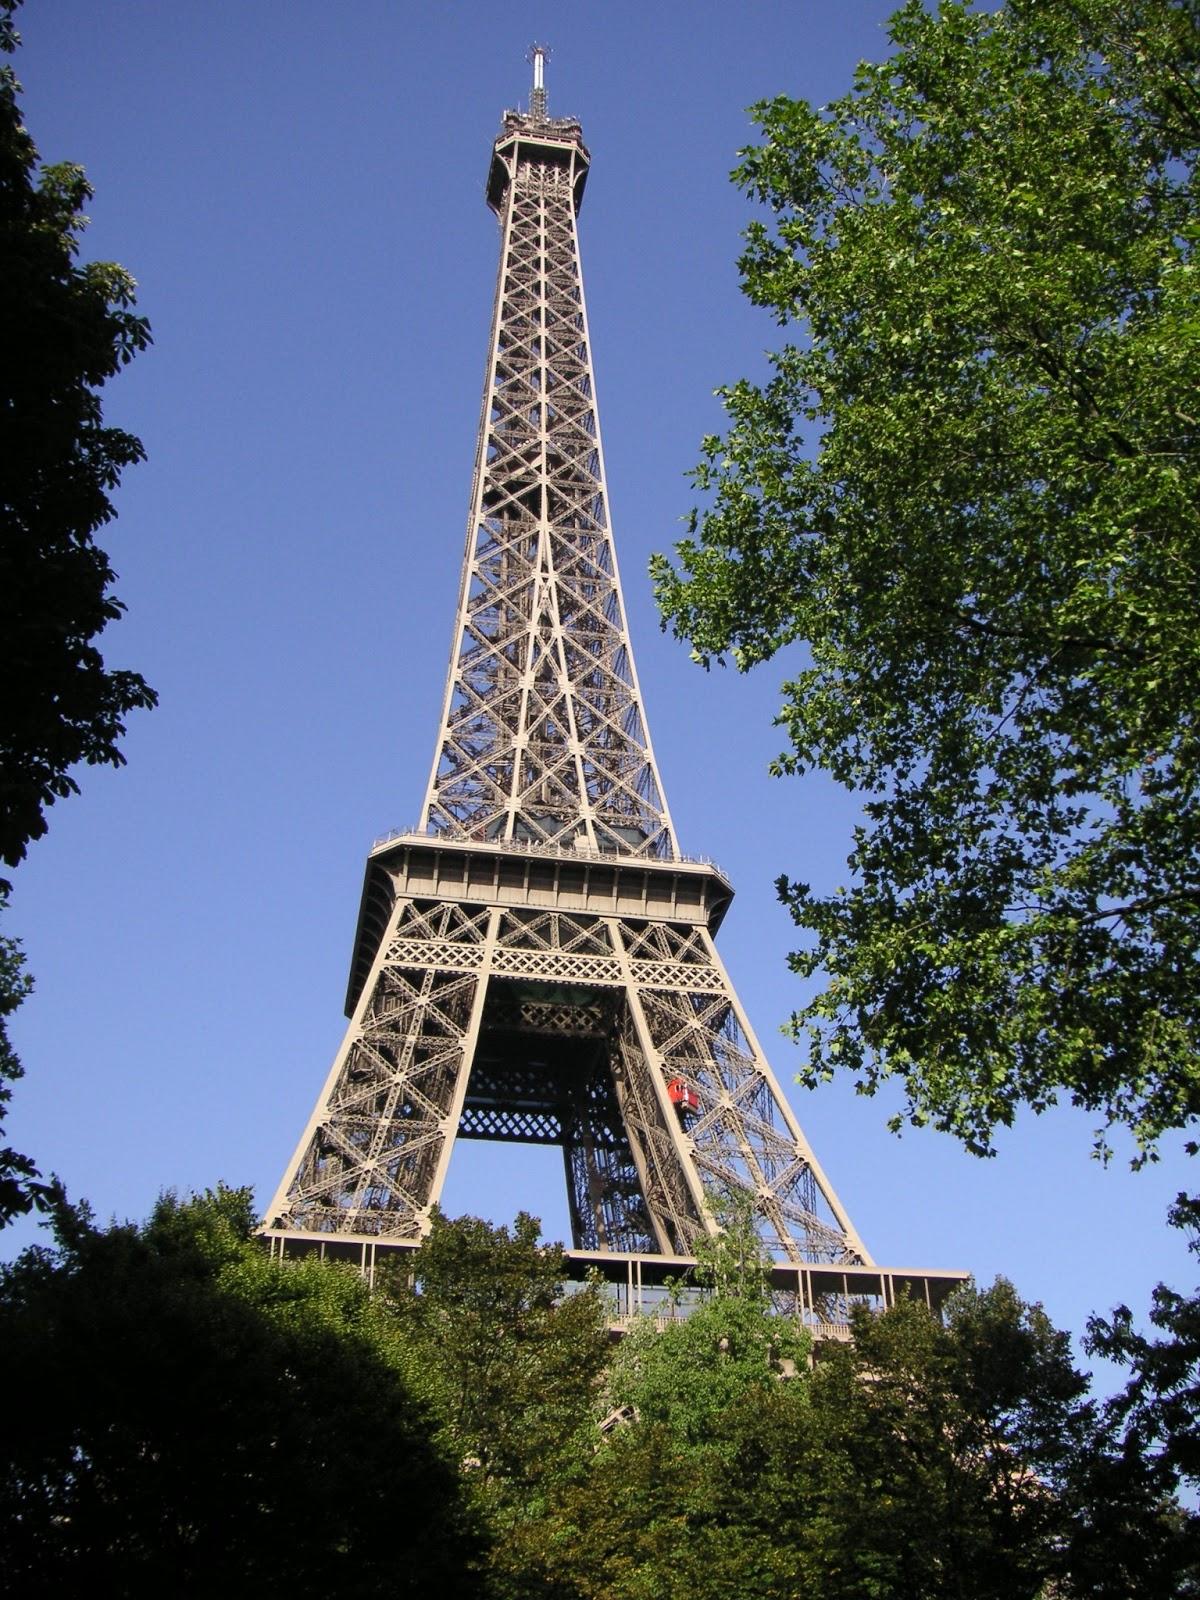 5-Star Hotel in Paris, France near Eiffel Tower